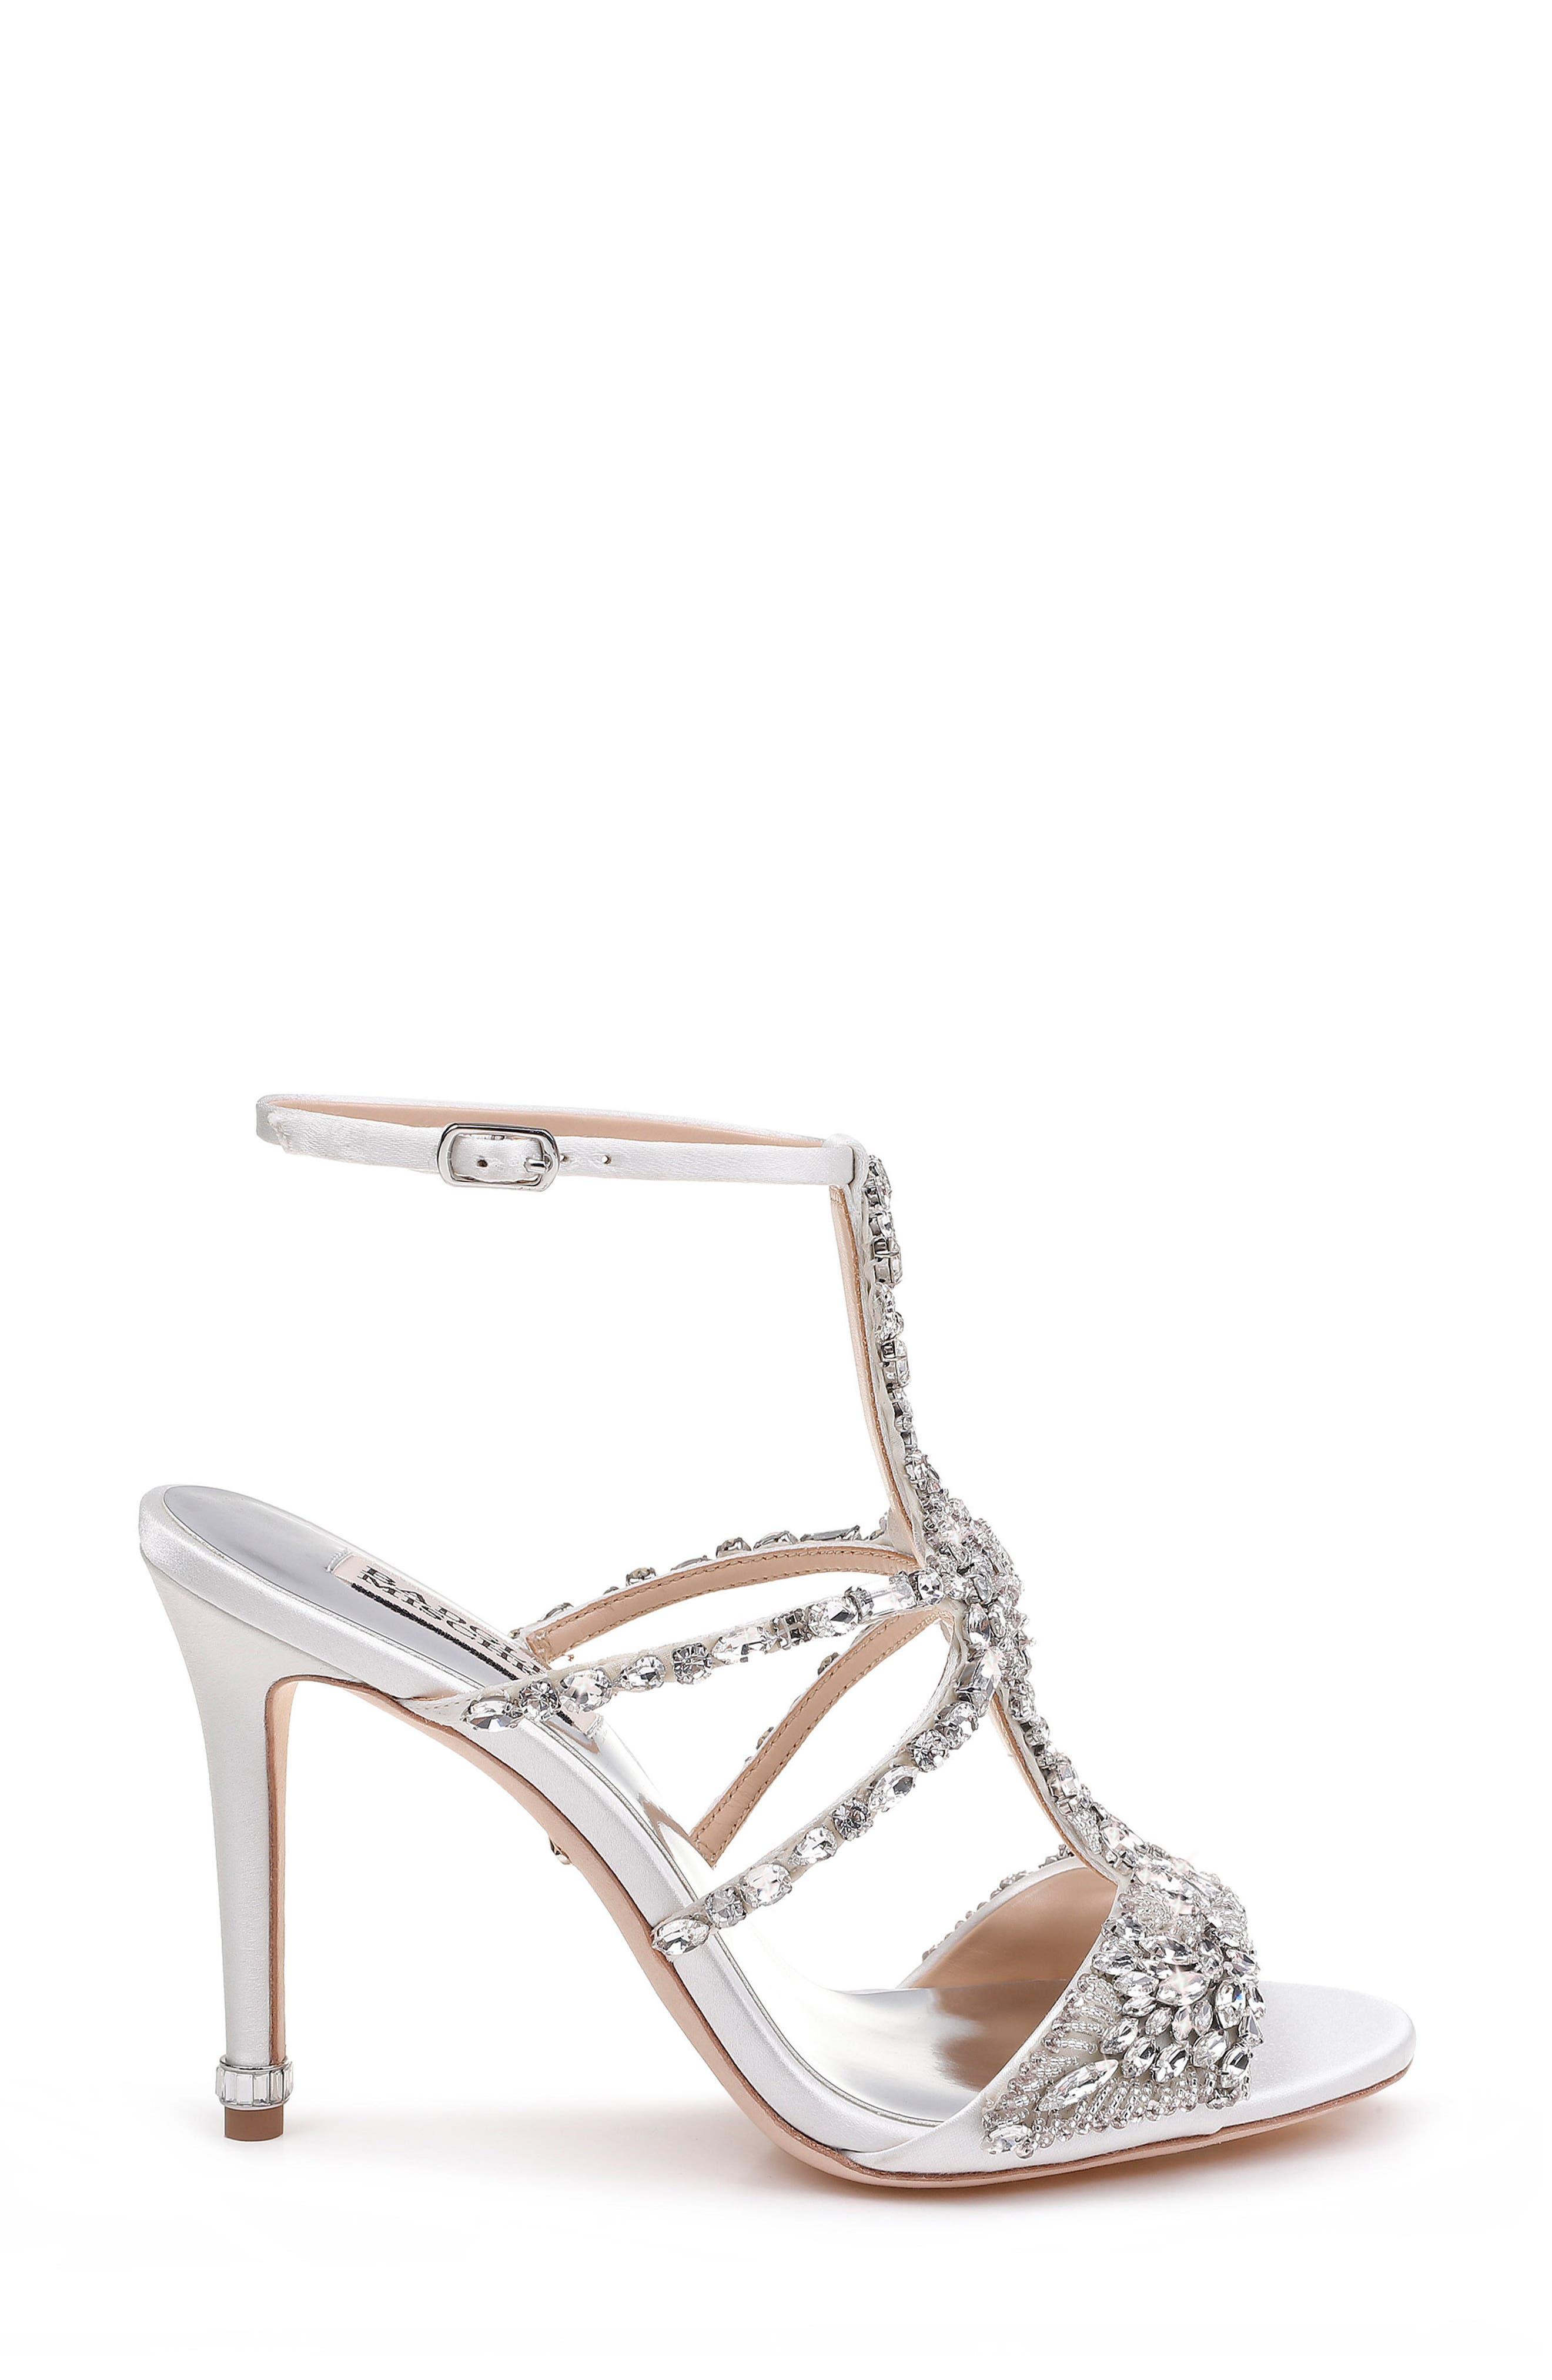 Badgley Mischka Hughes Crystal Embellished Sandal,                             Alternate thumbnail 3, color,                             142